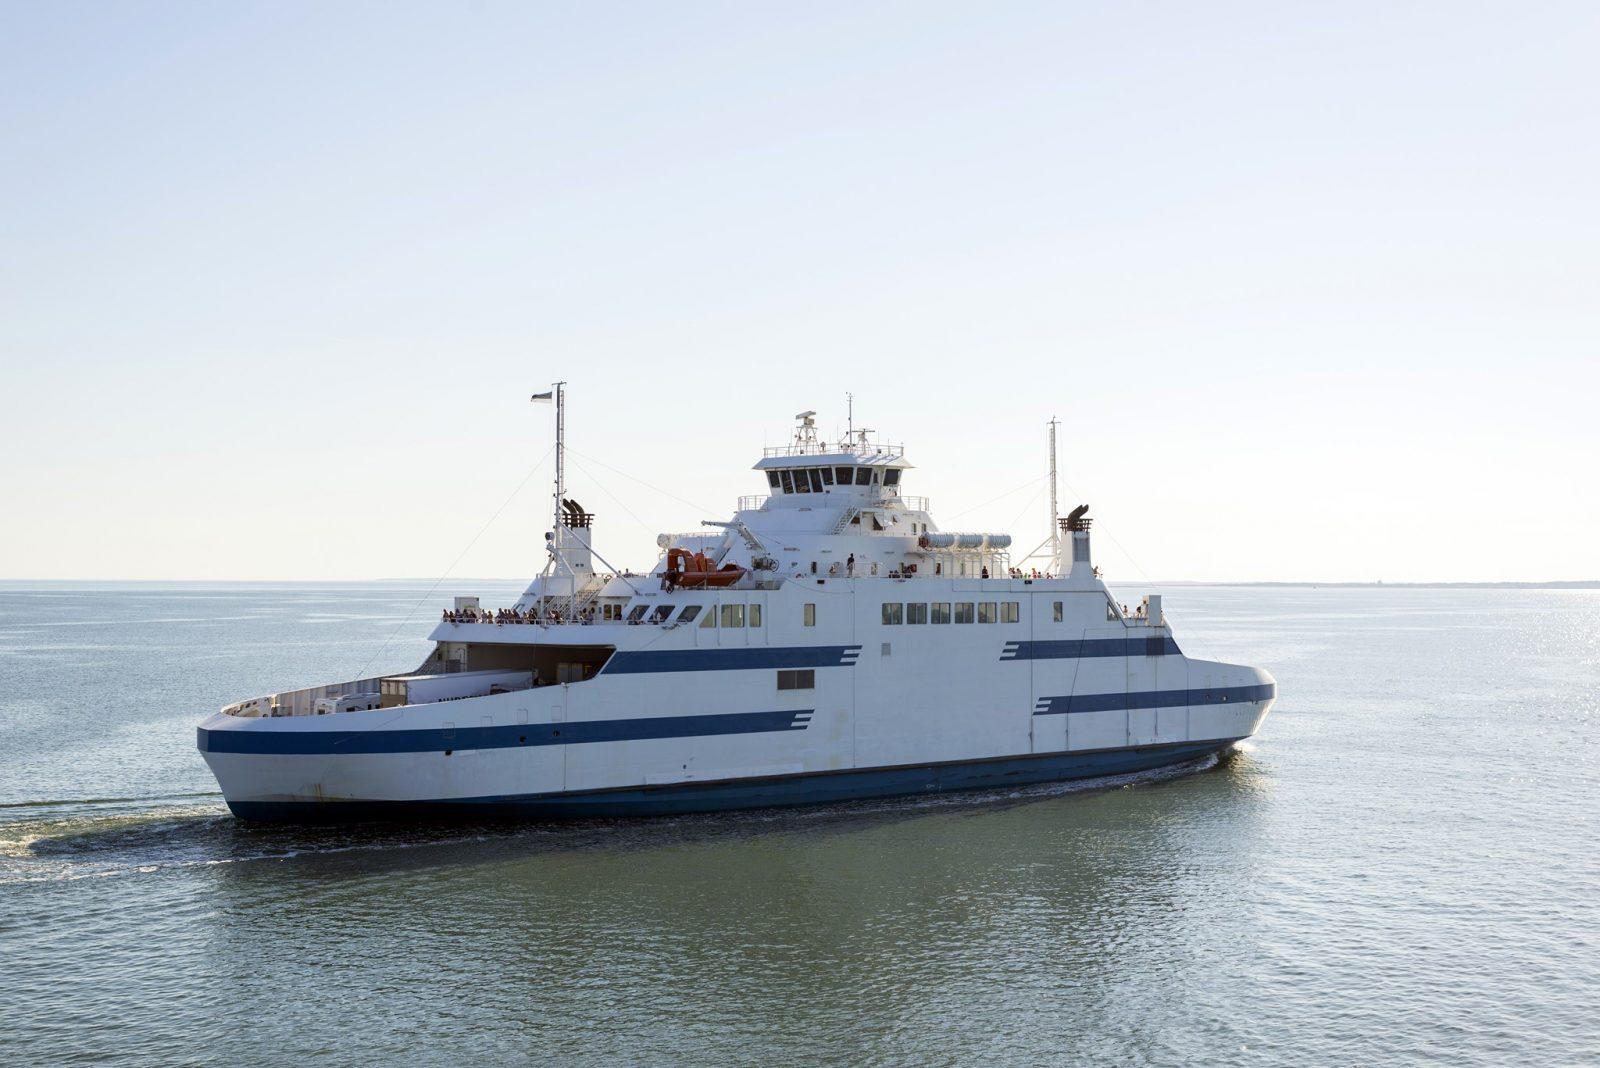 Saaremaa I : deux traversées annulées et une prolongée